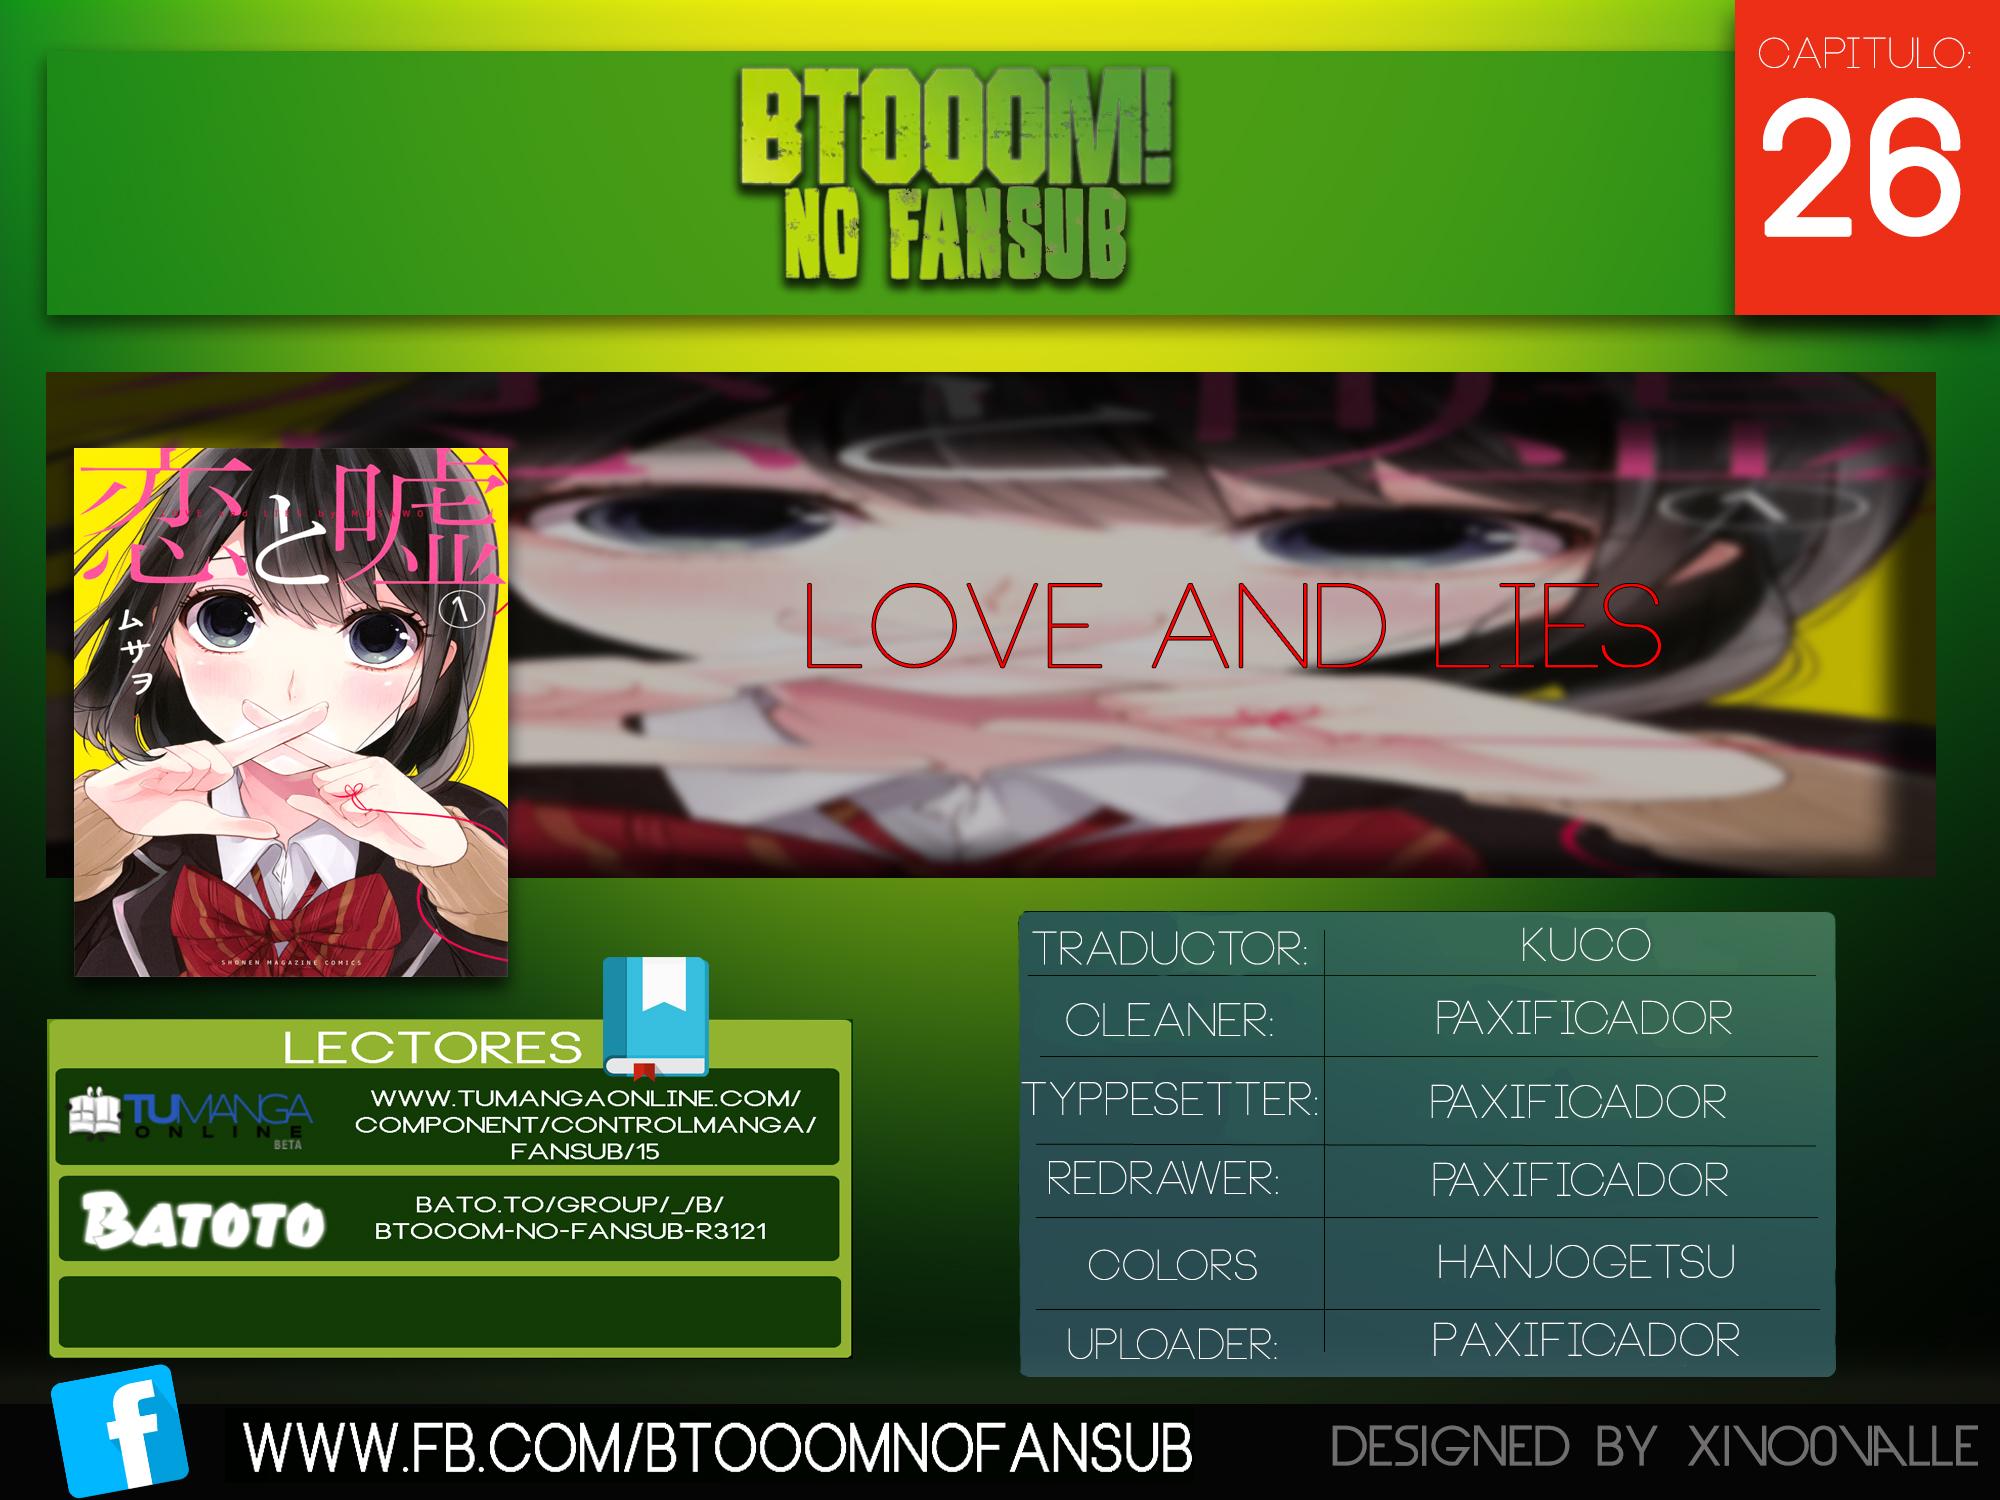 http://c5.ninemanga.com/es_manga/14/14734/361007/5db0f83ea17217dec603c3bb531356b1.jpg Page 1